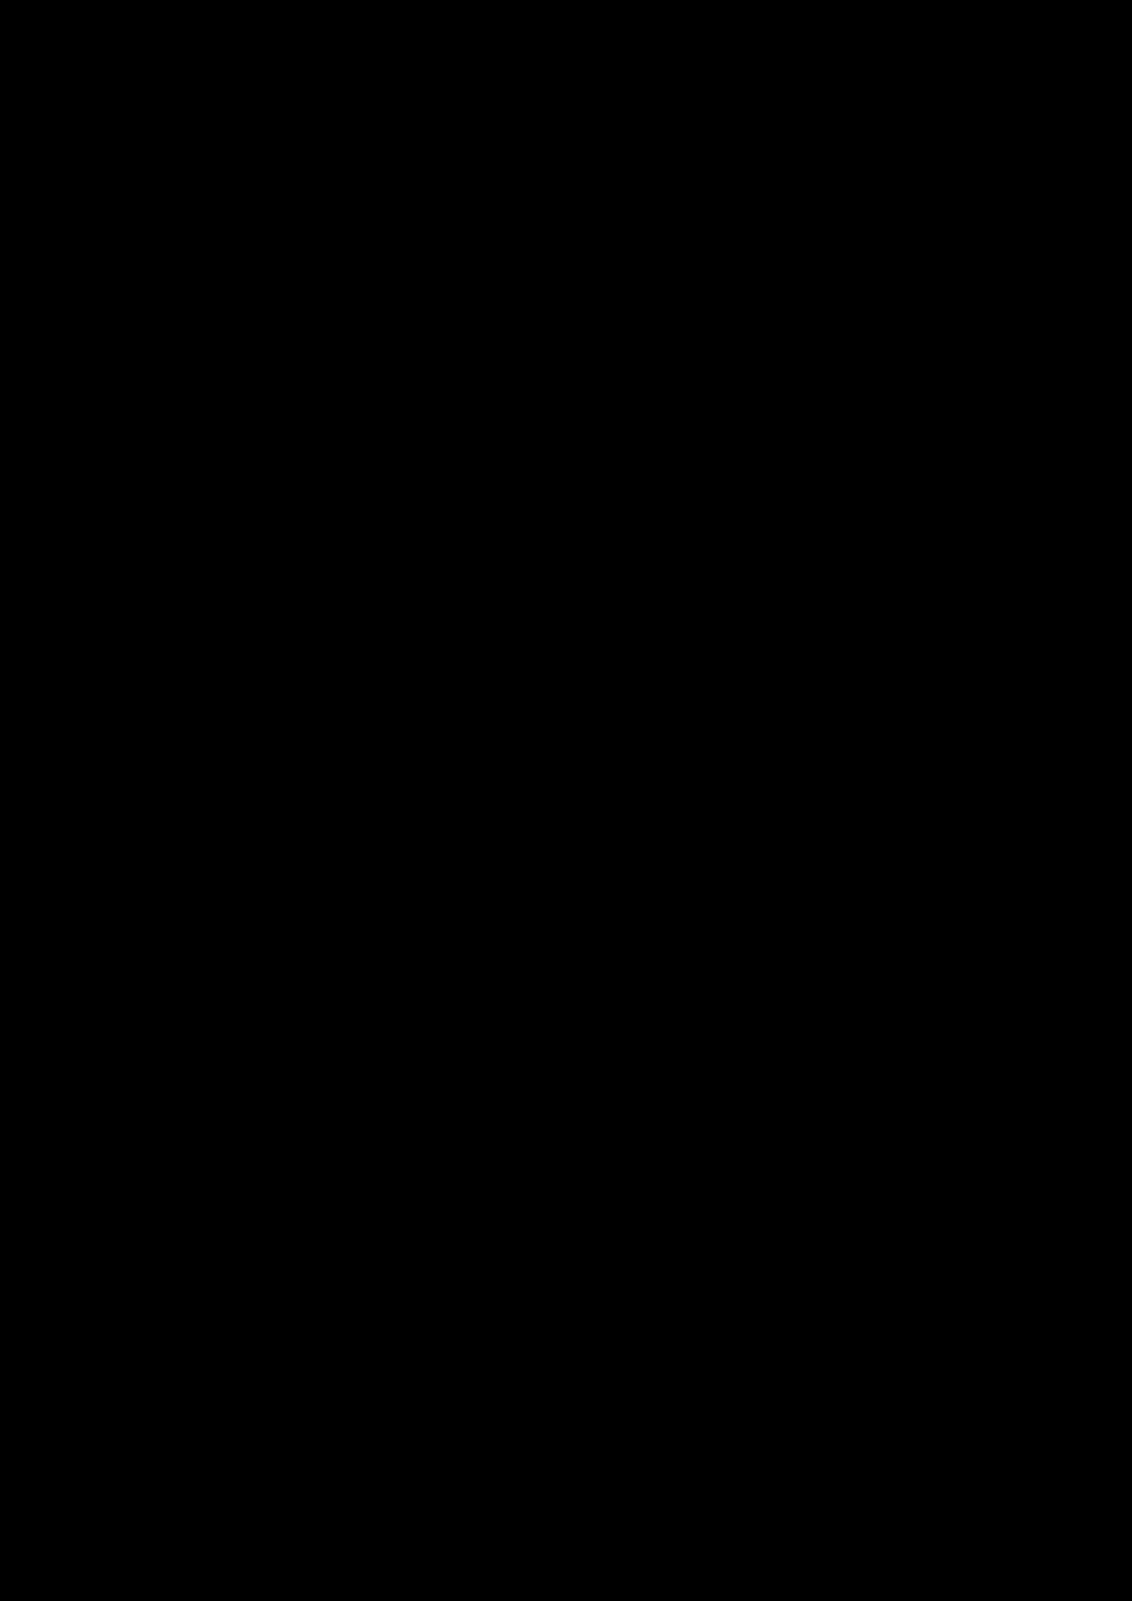 Prolog slide, Image 23